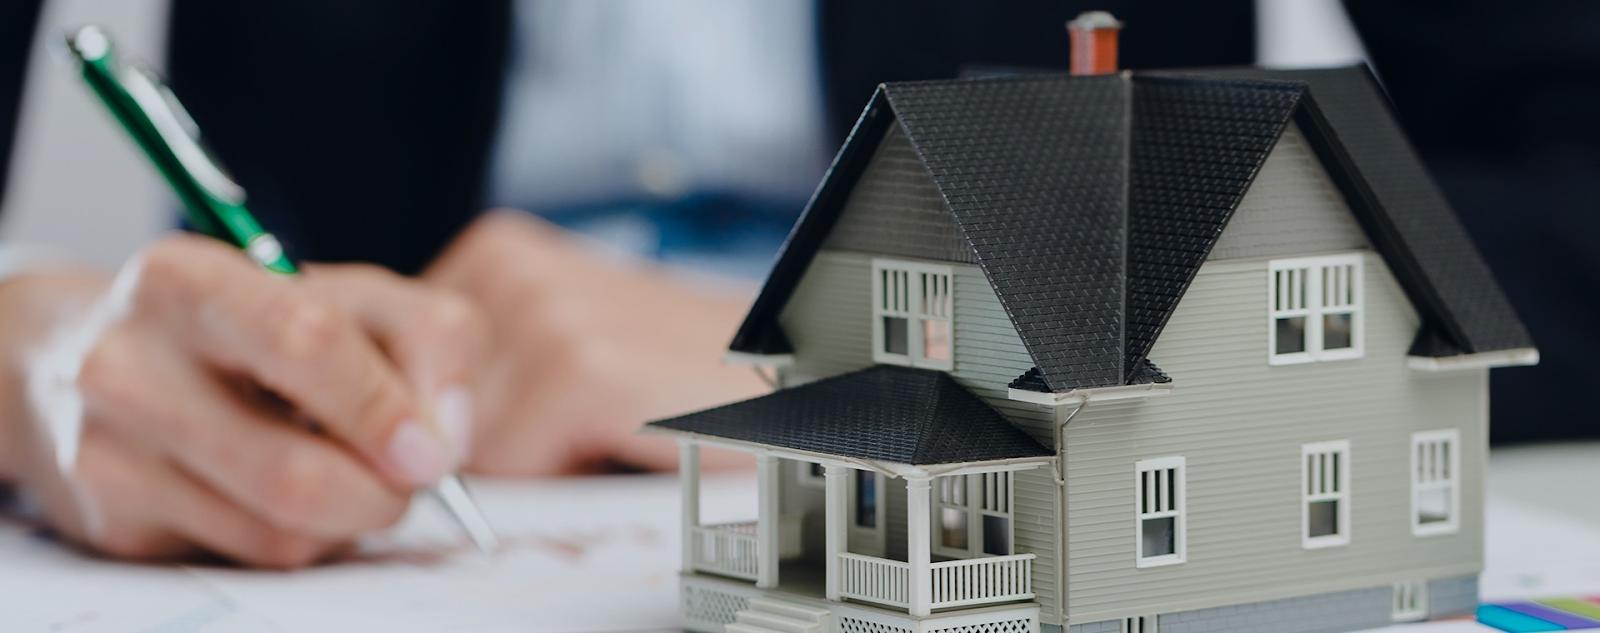 Luật cho thuê nhà ở nằm trong các điều cụ thể tại mục 3 của chương 8